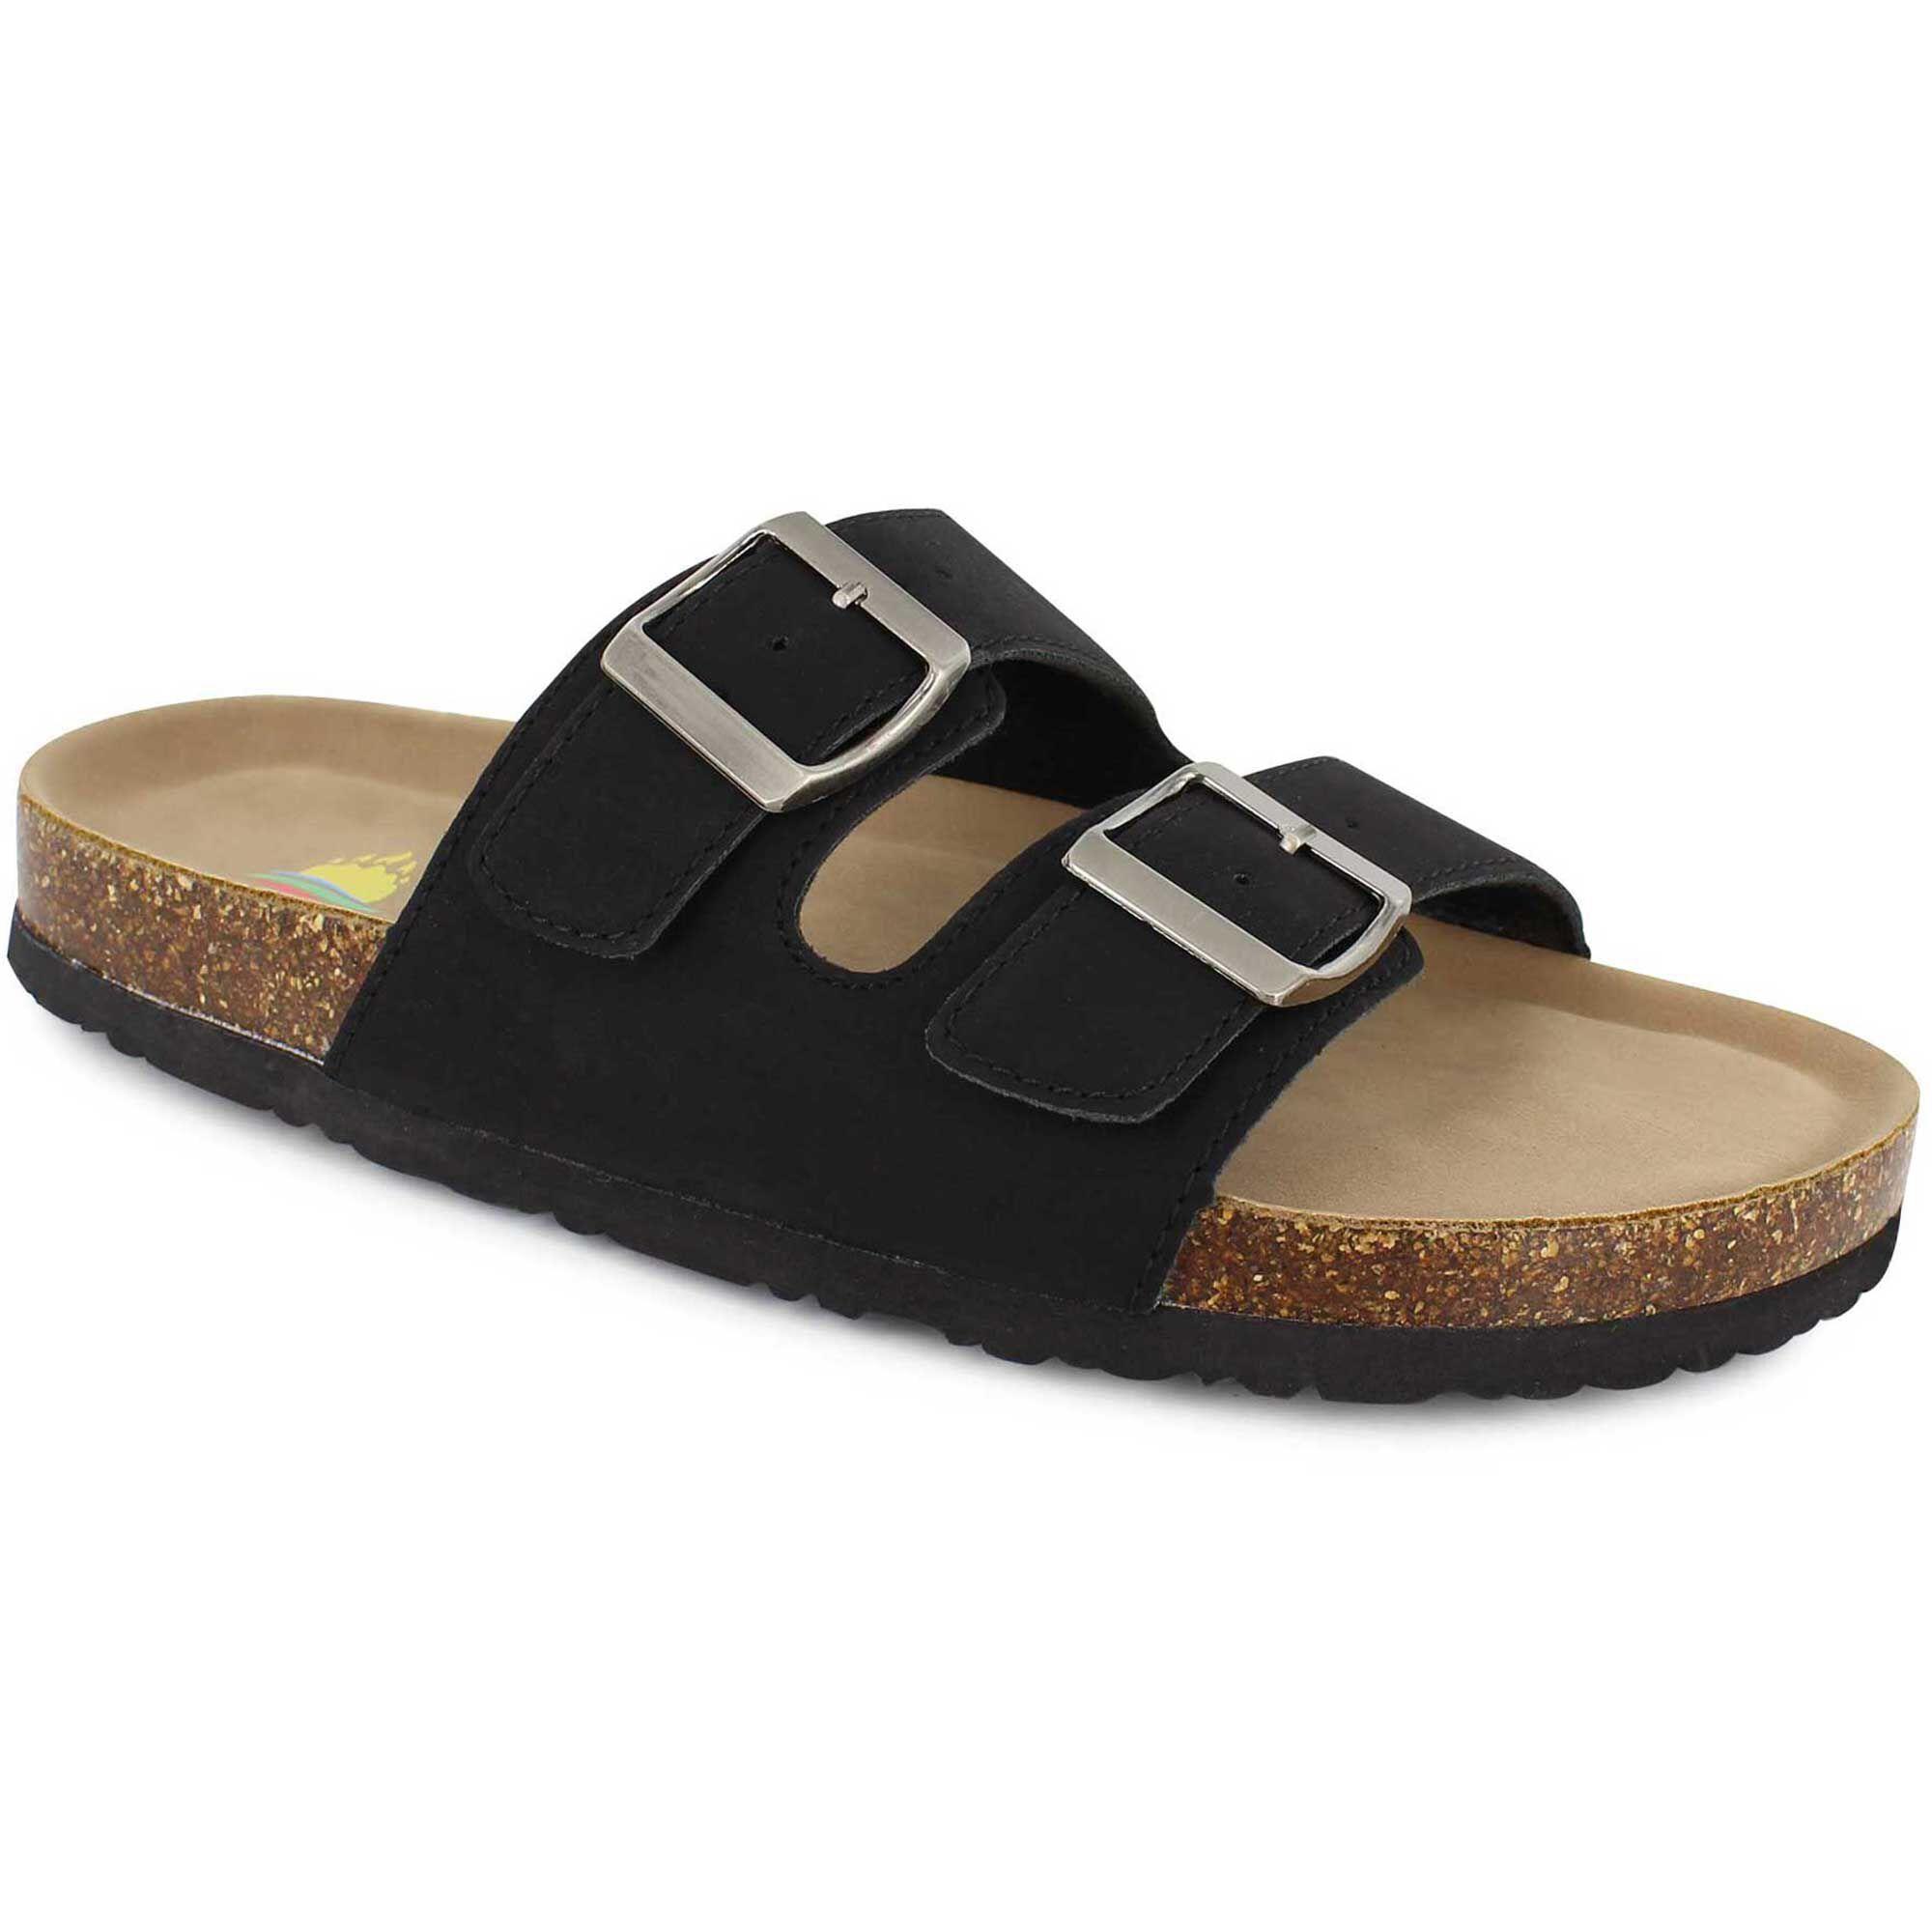 Women's Sandals | Shop Now at SHOE SHOW